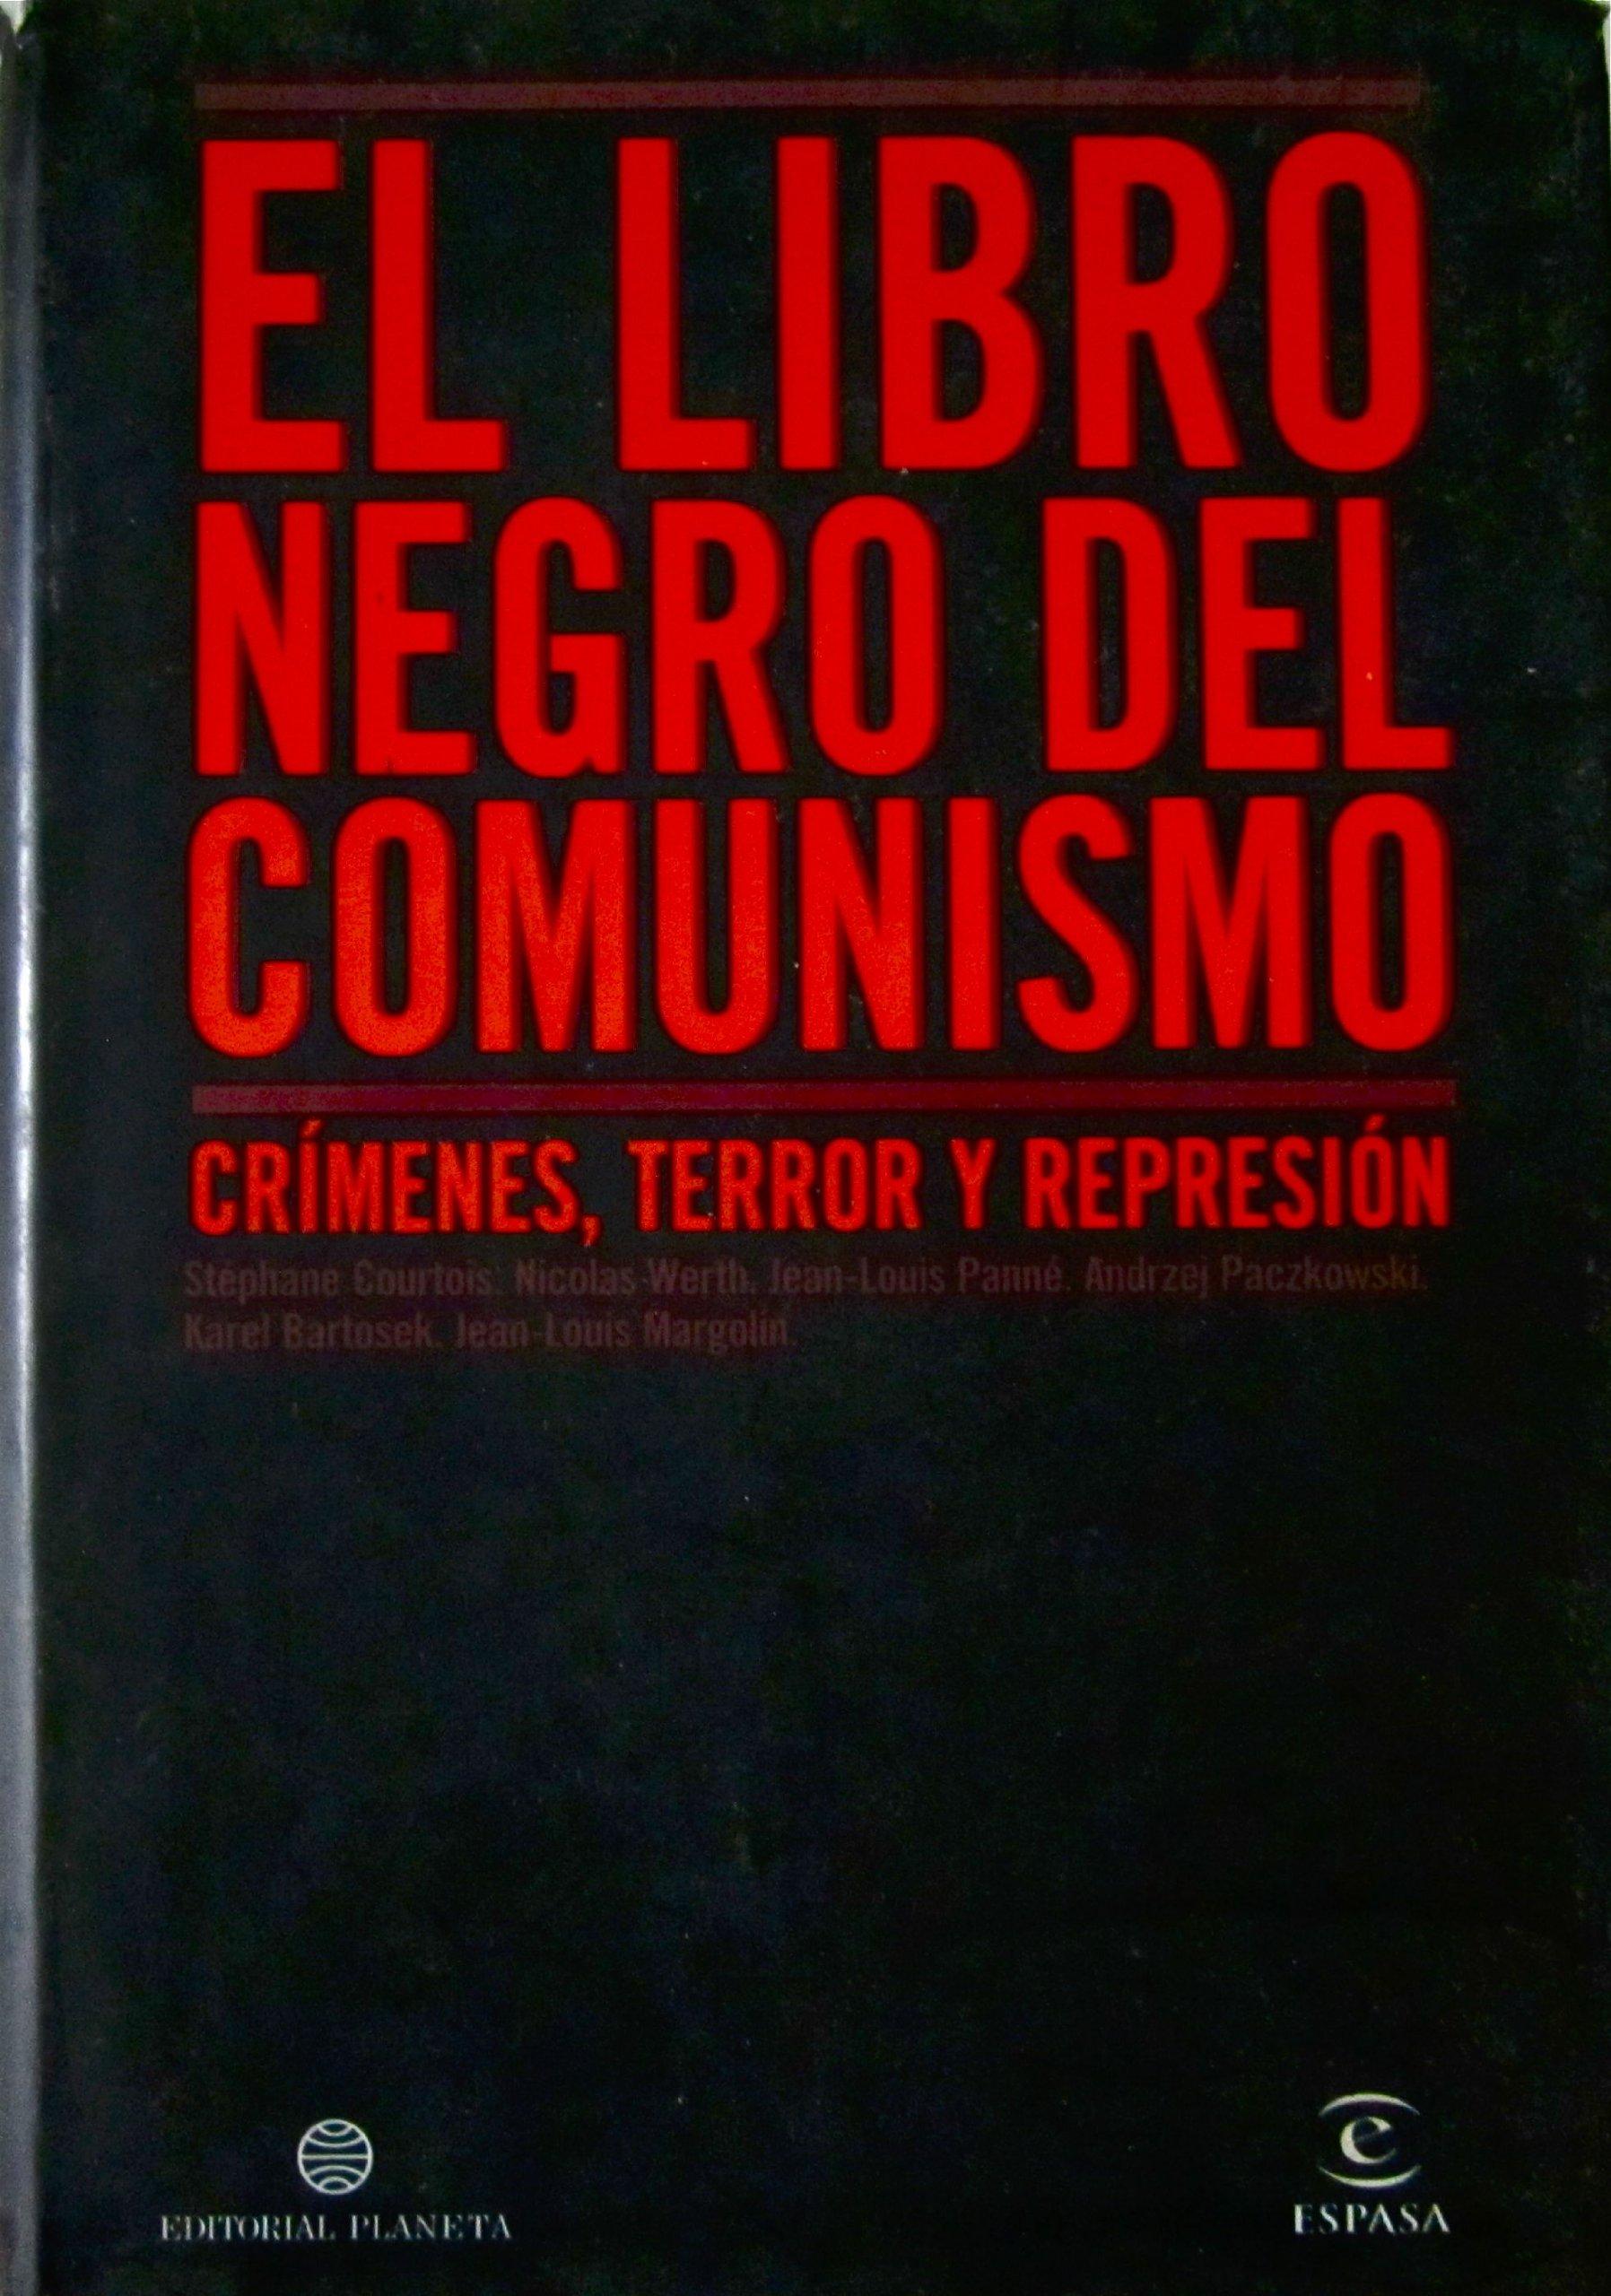 Libro negro del comunismo, el: Amazon.es: Varios: Libros